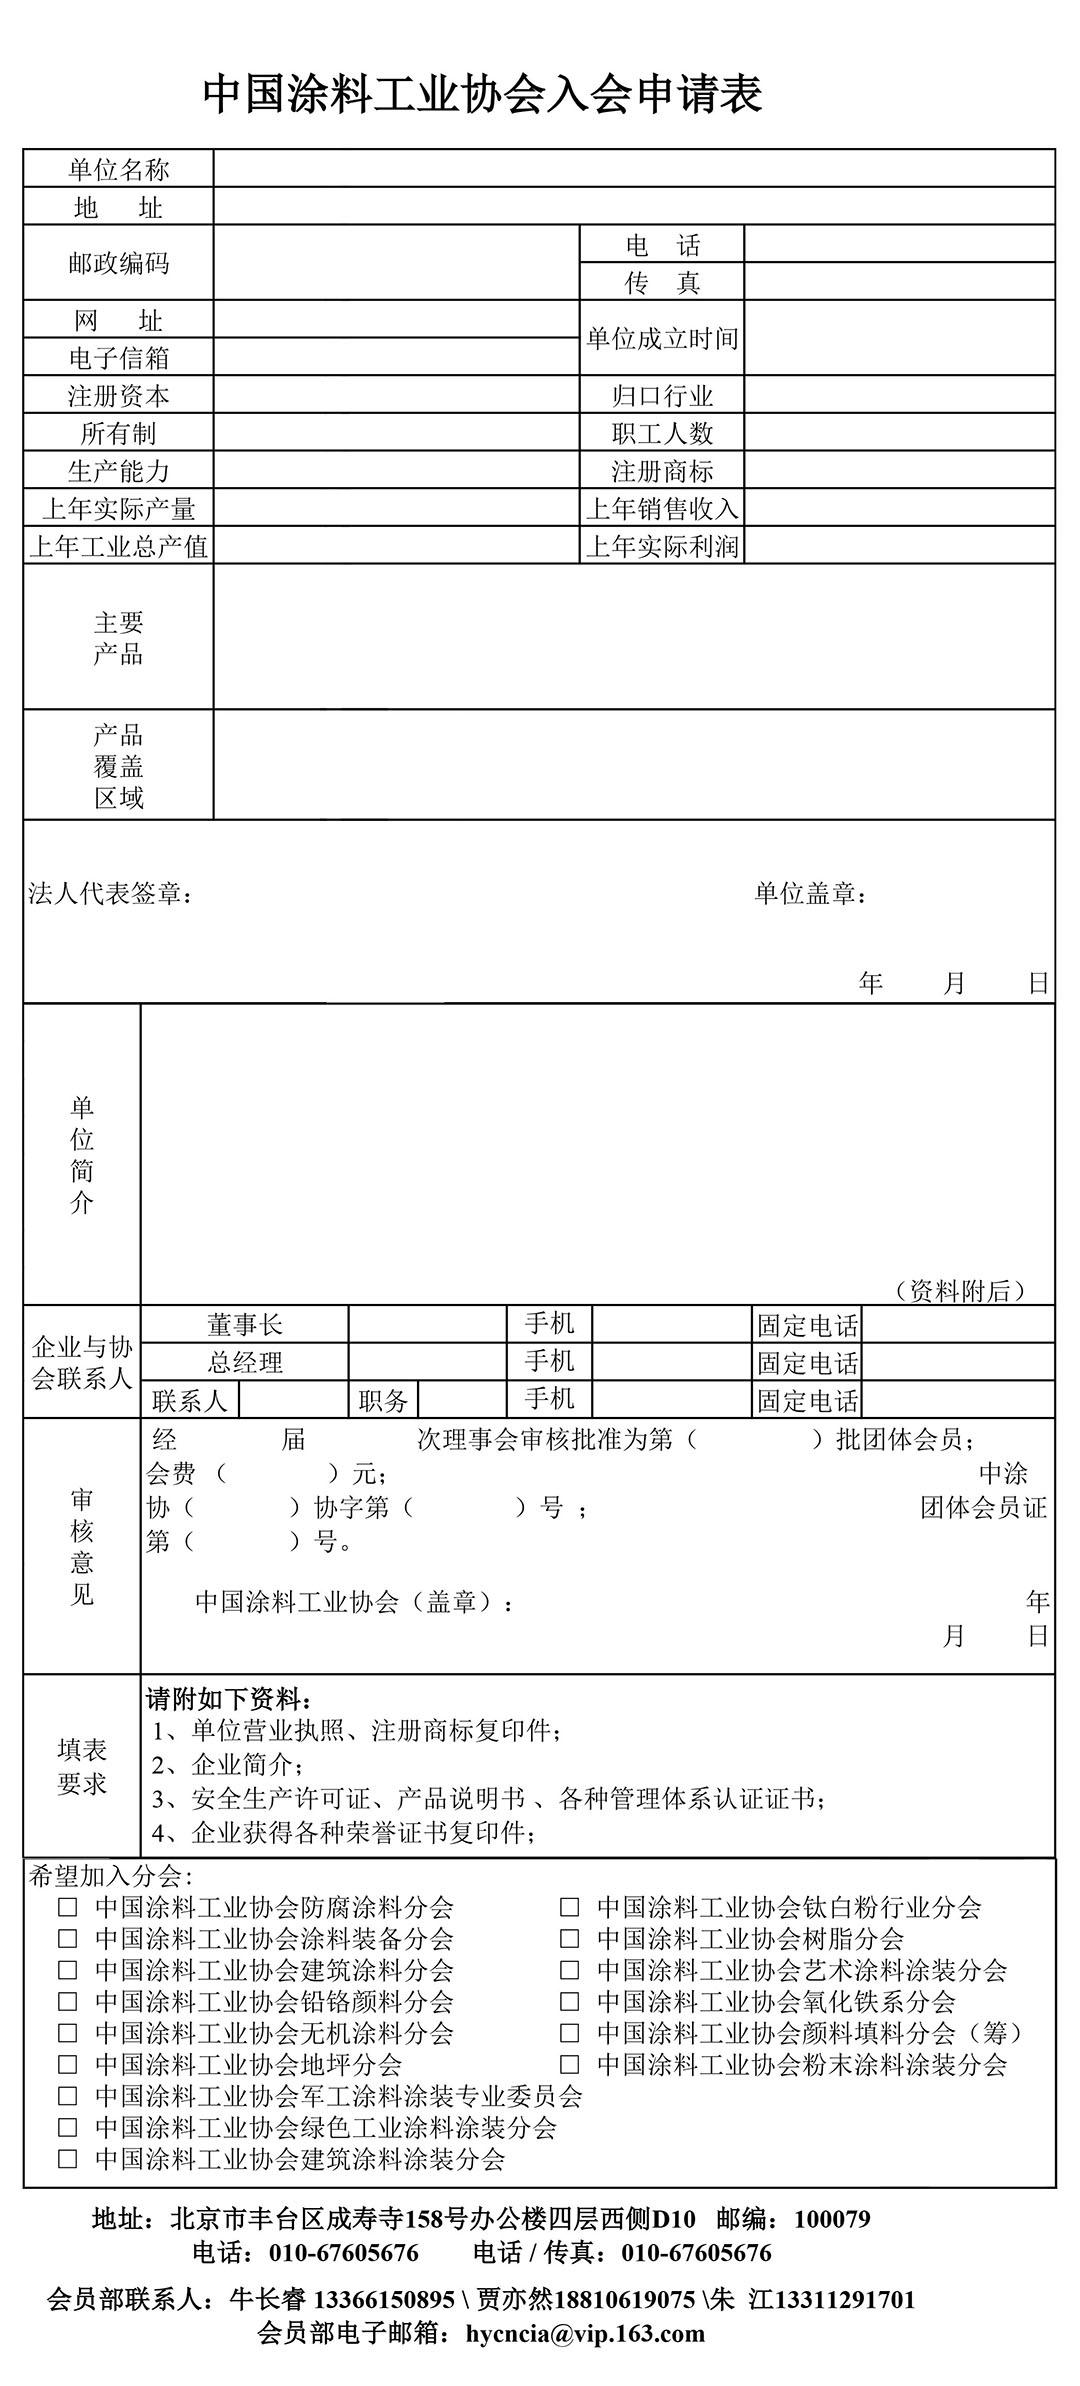 中国涂料工业协会入会申请表